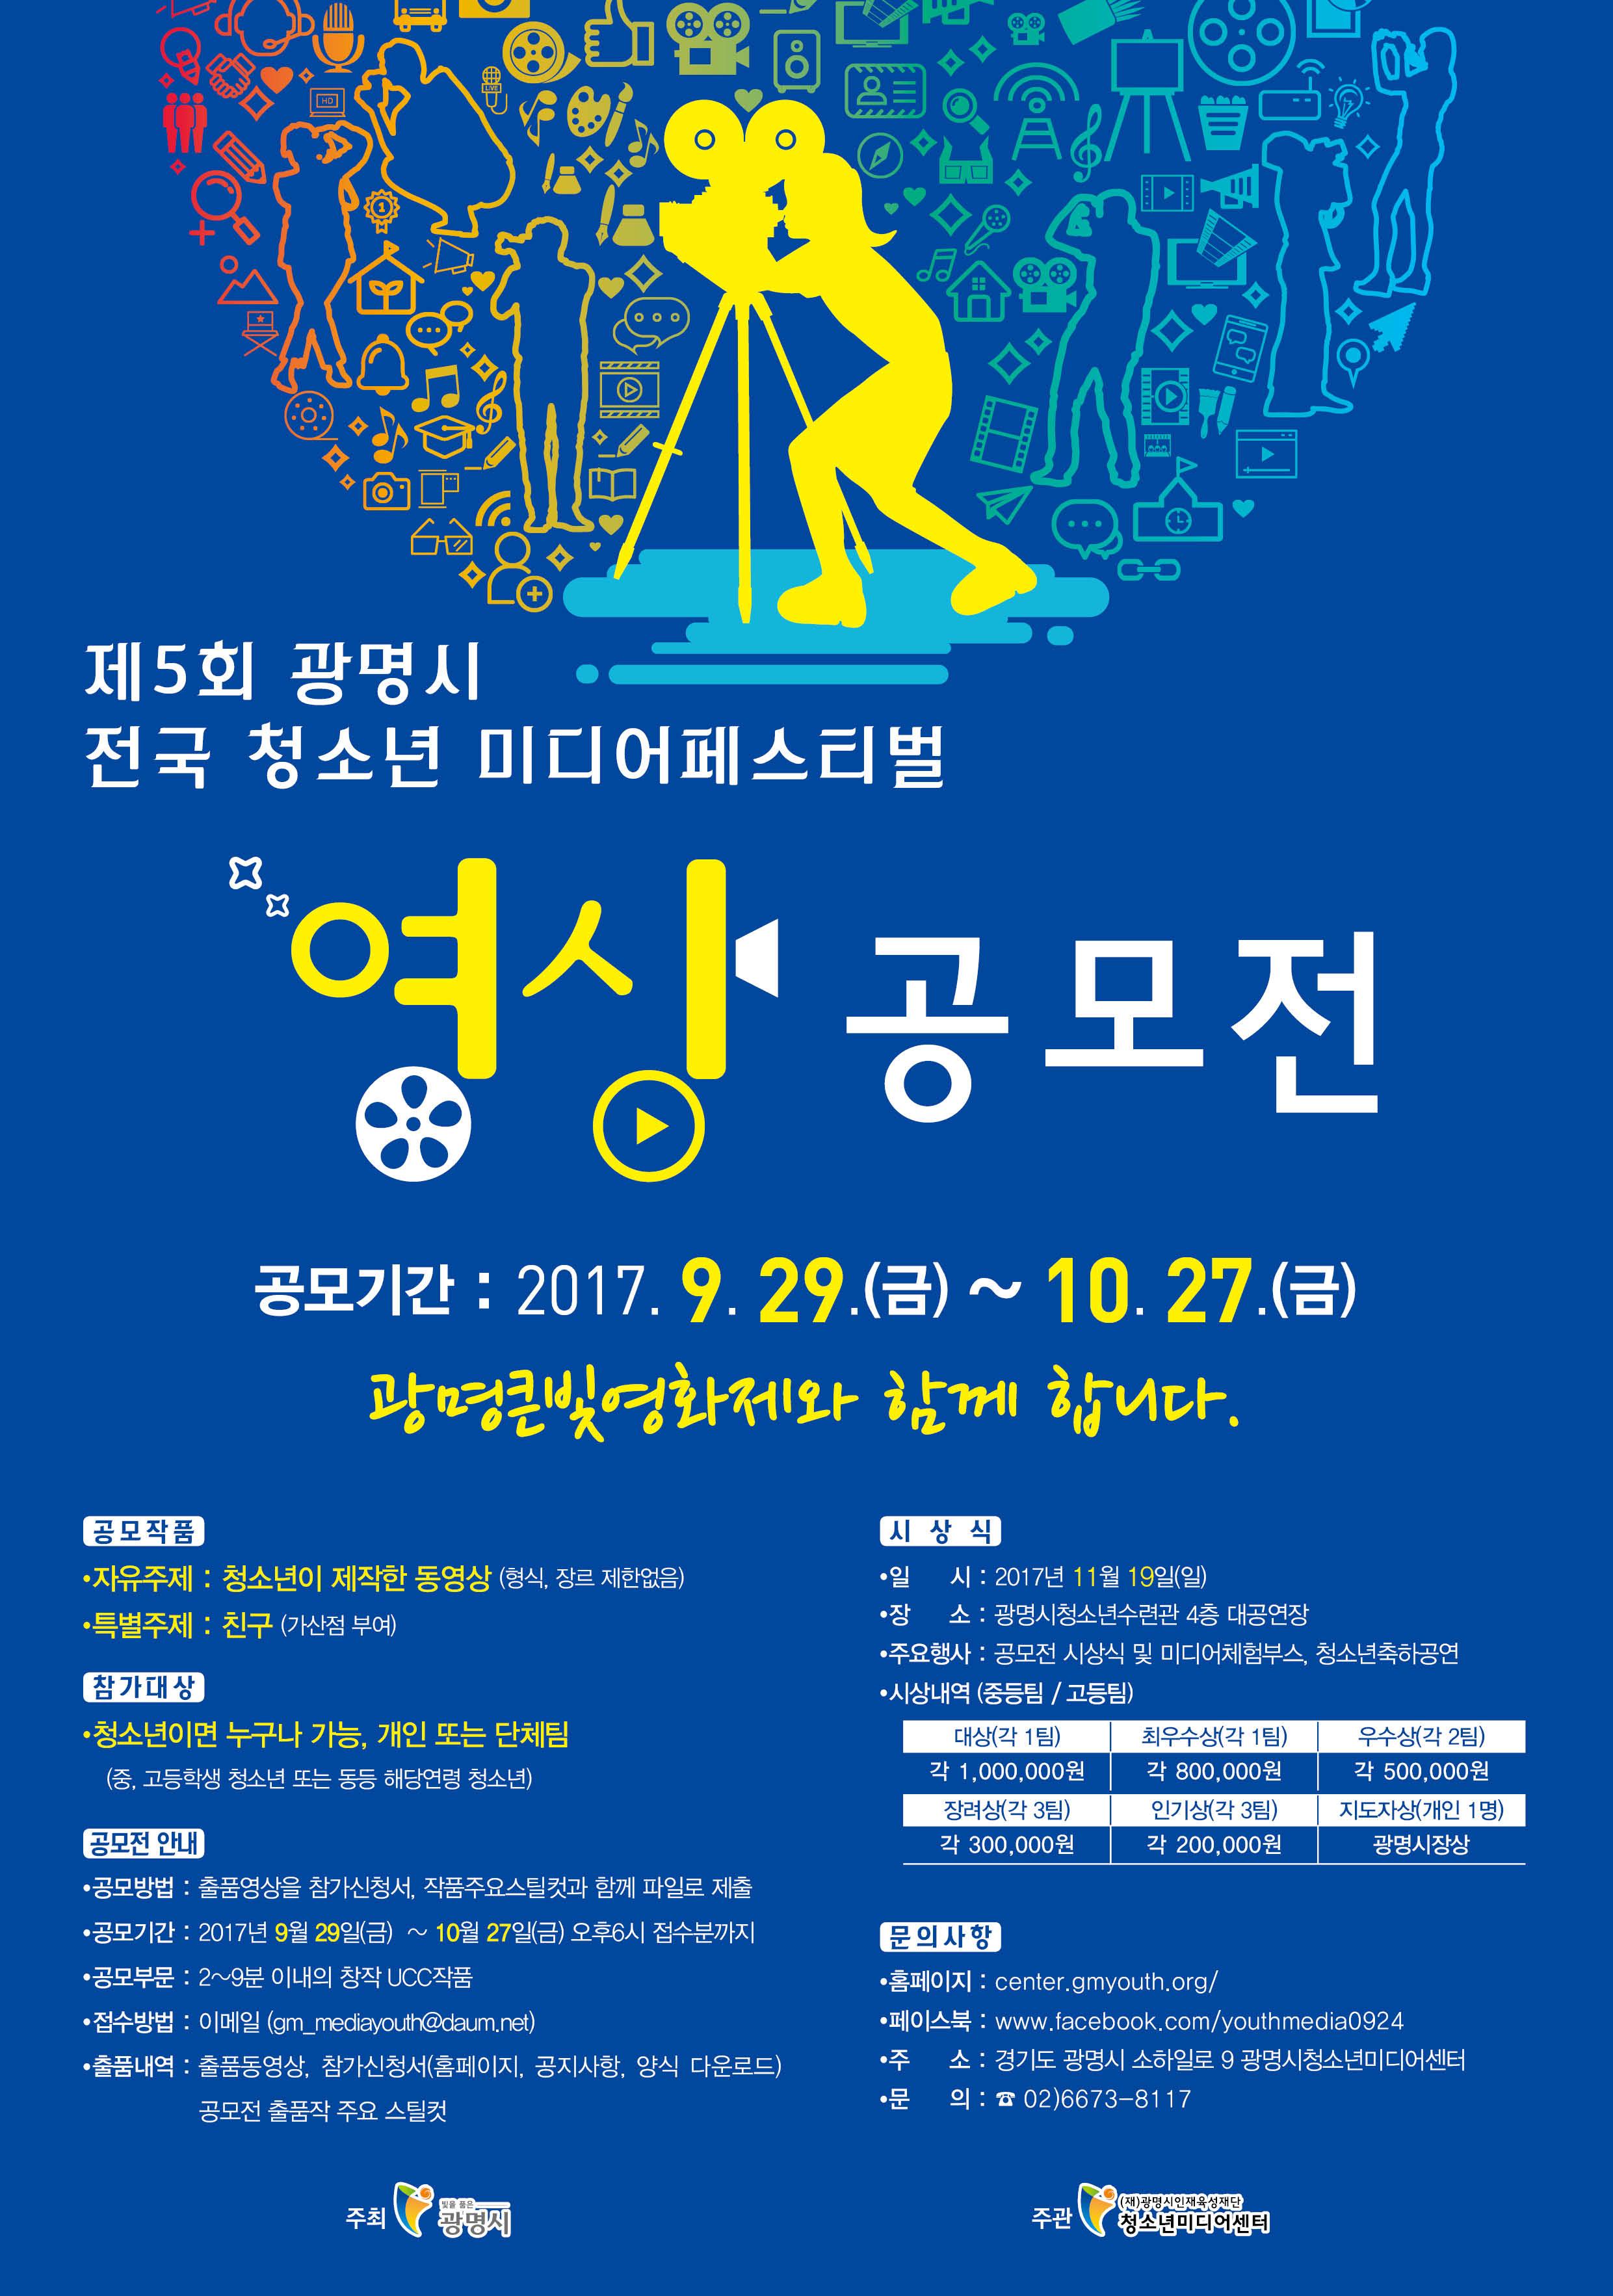 제5회 광명시 전국 청소년 미디어페스티벌 (영상공모전)